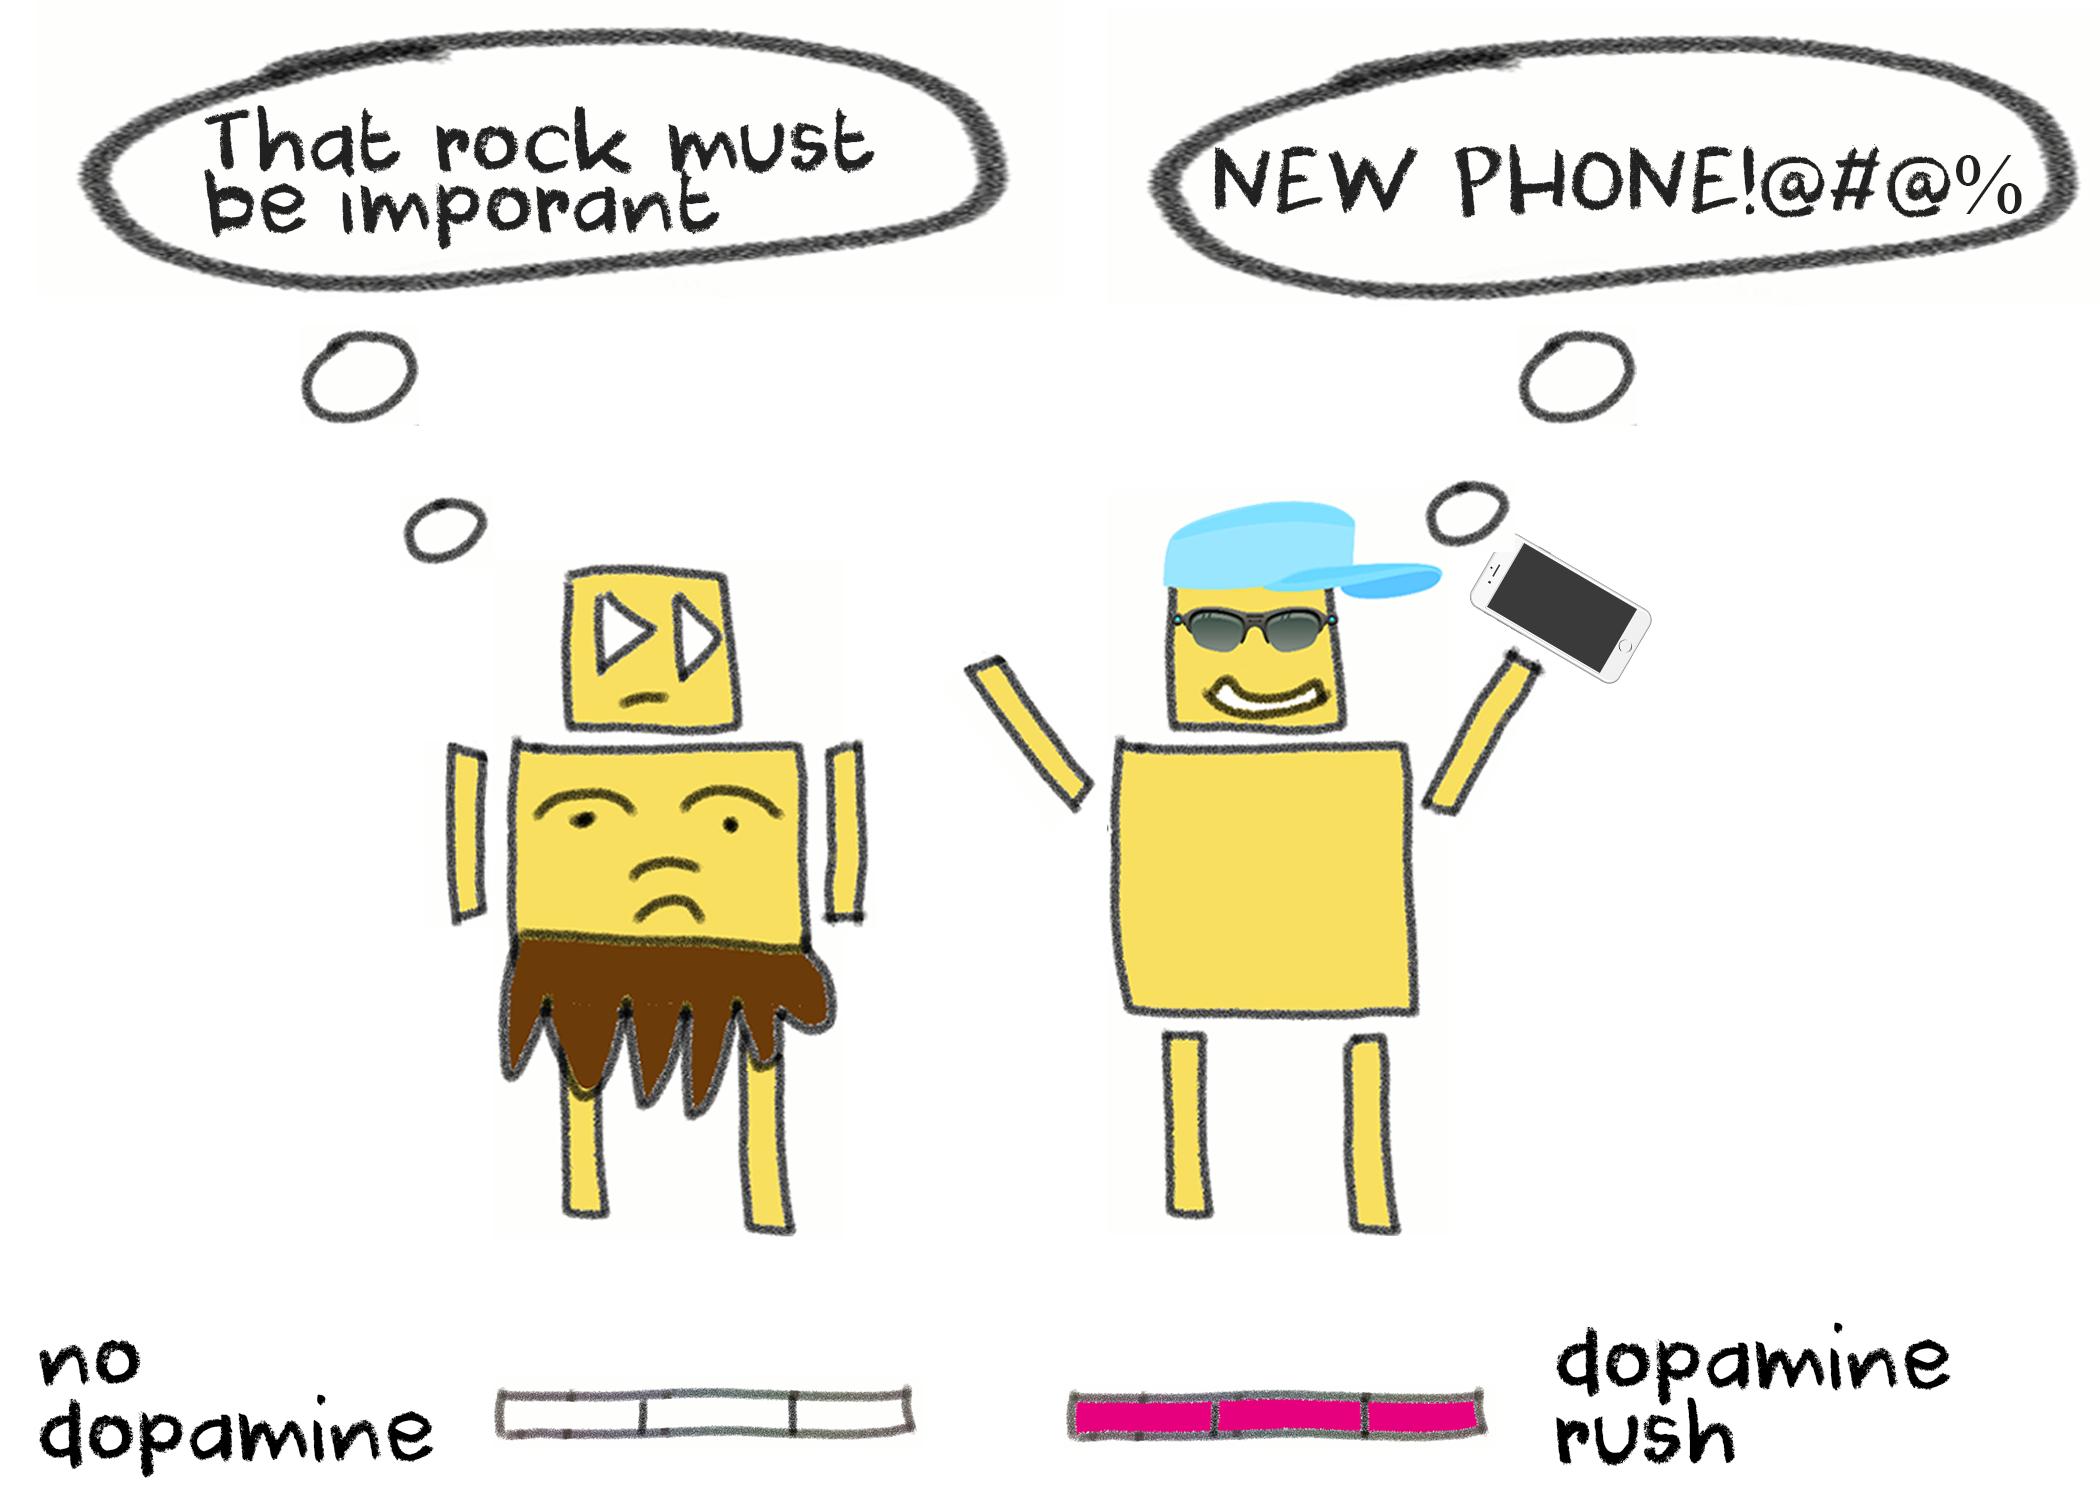 dopamine-1